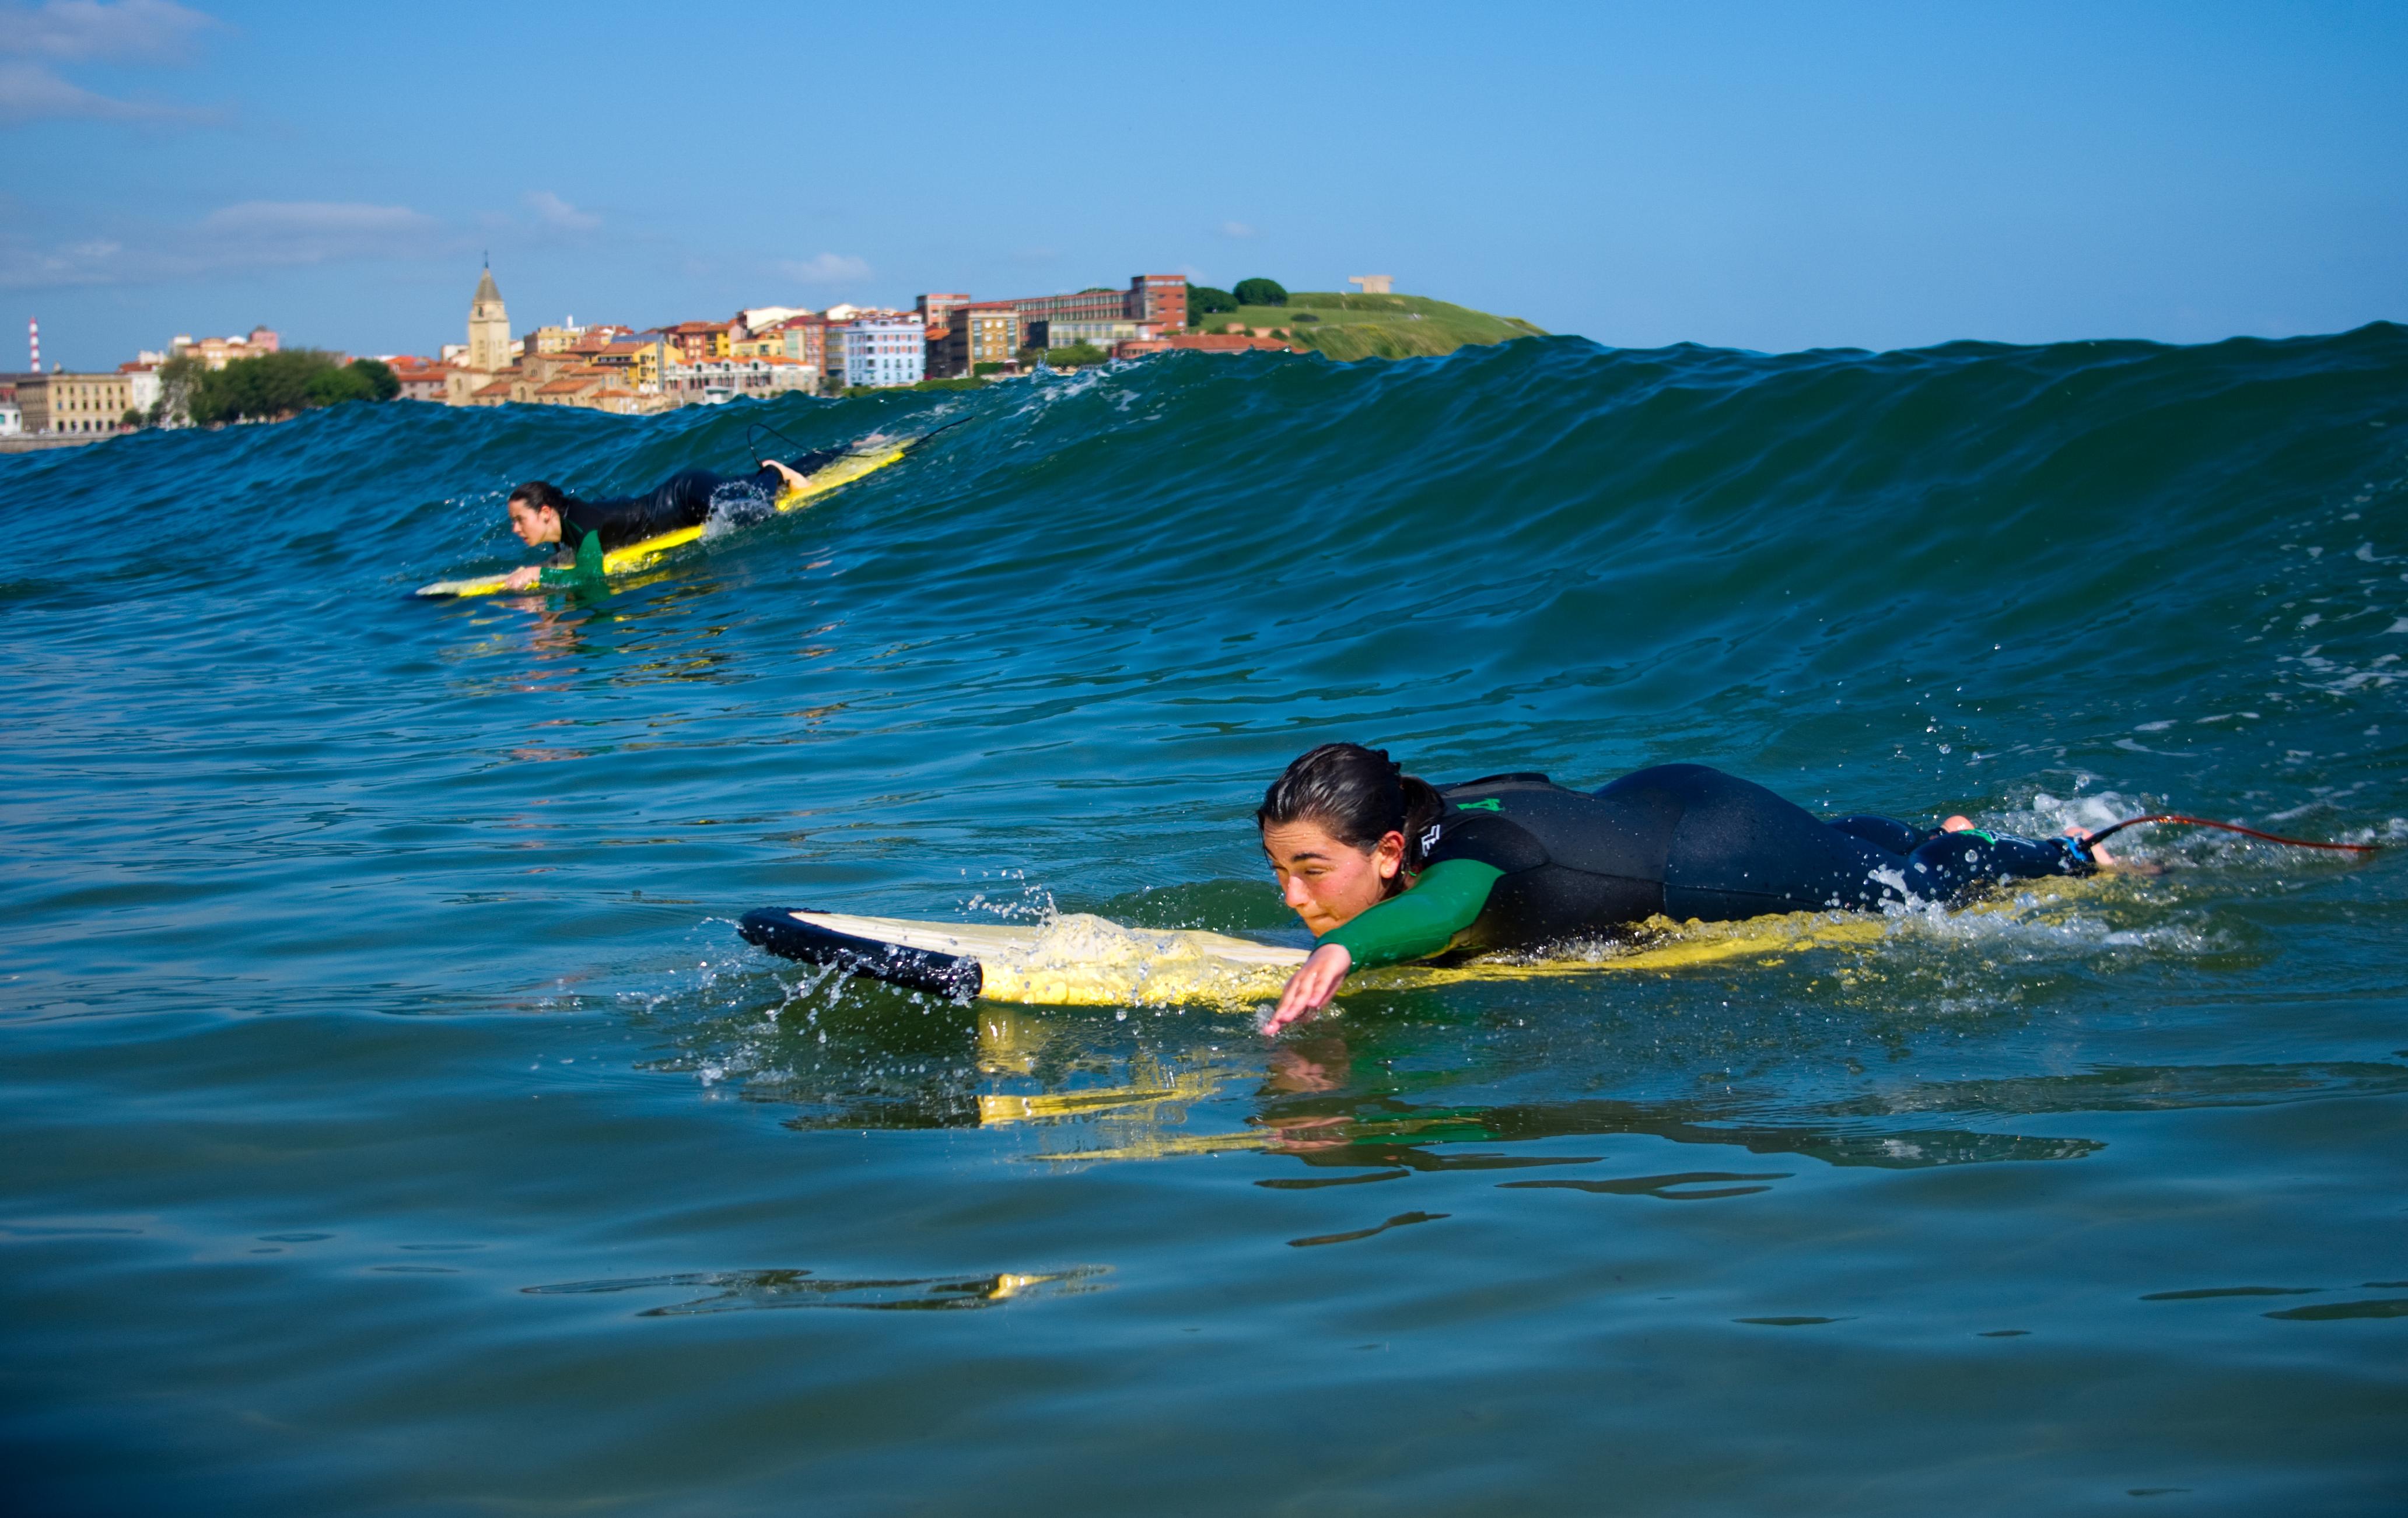 Alumnos de surf en plena acción.